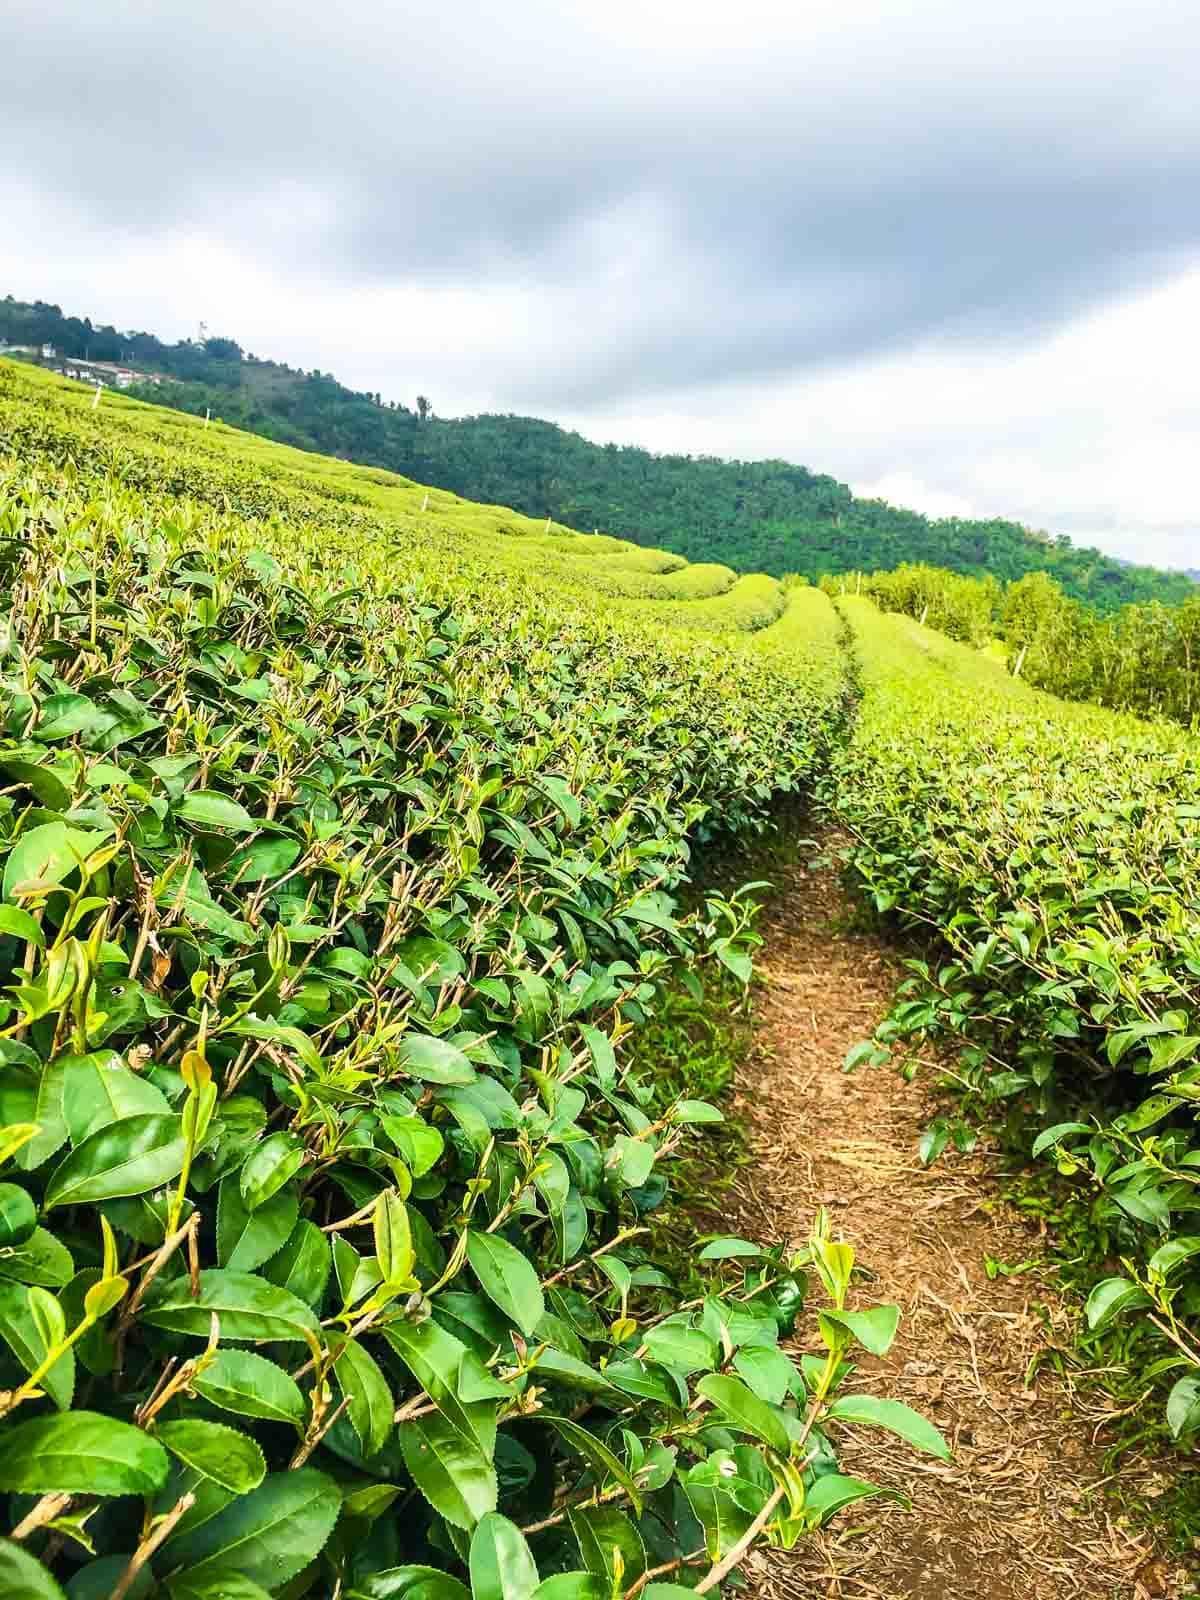 Oolong tea fields of Thailand